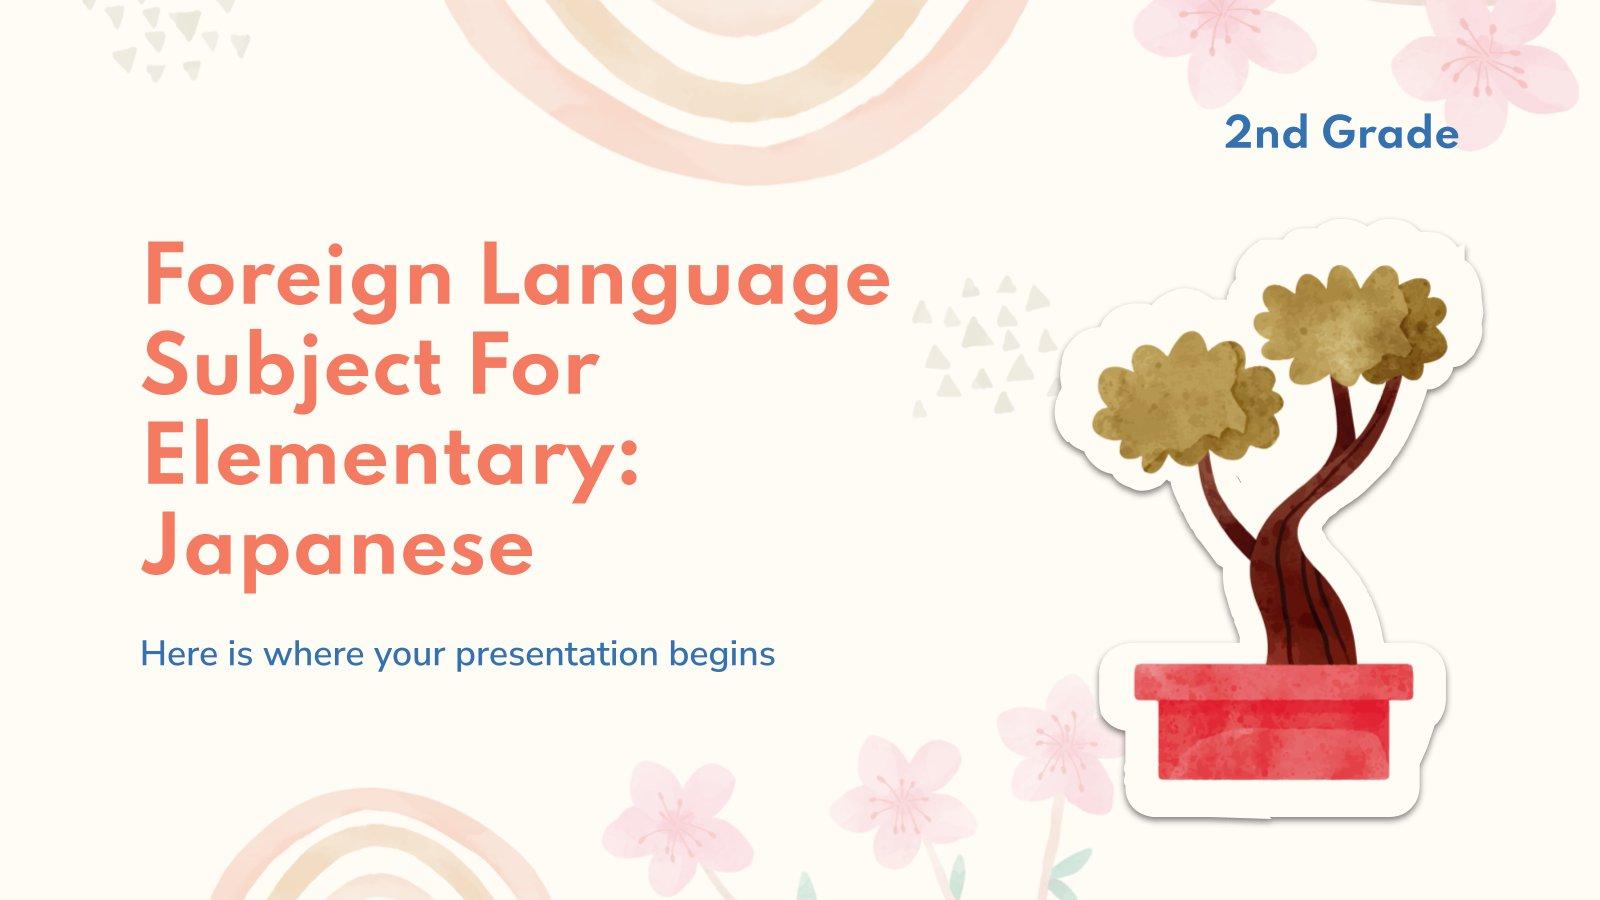 Fremdsprache für die 2. Klasse: Japanisch Präsentationsvorlage